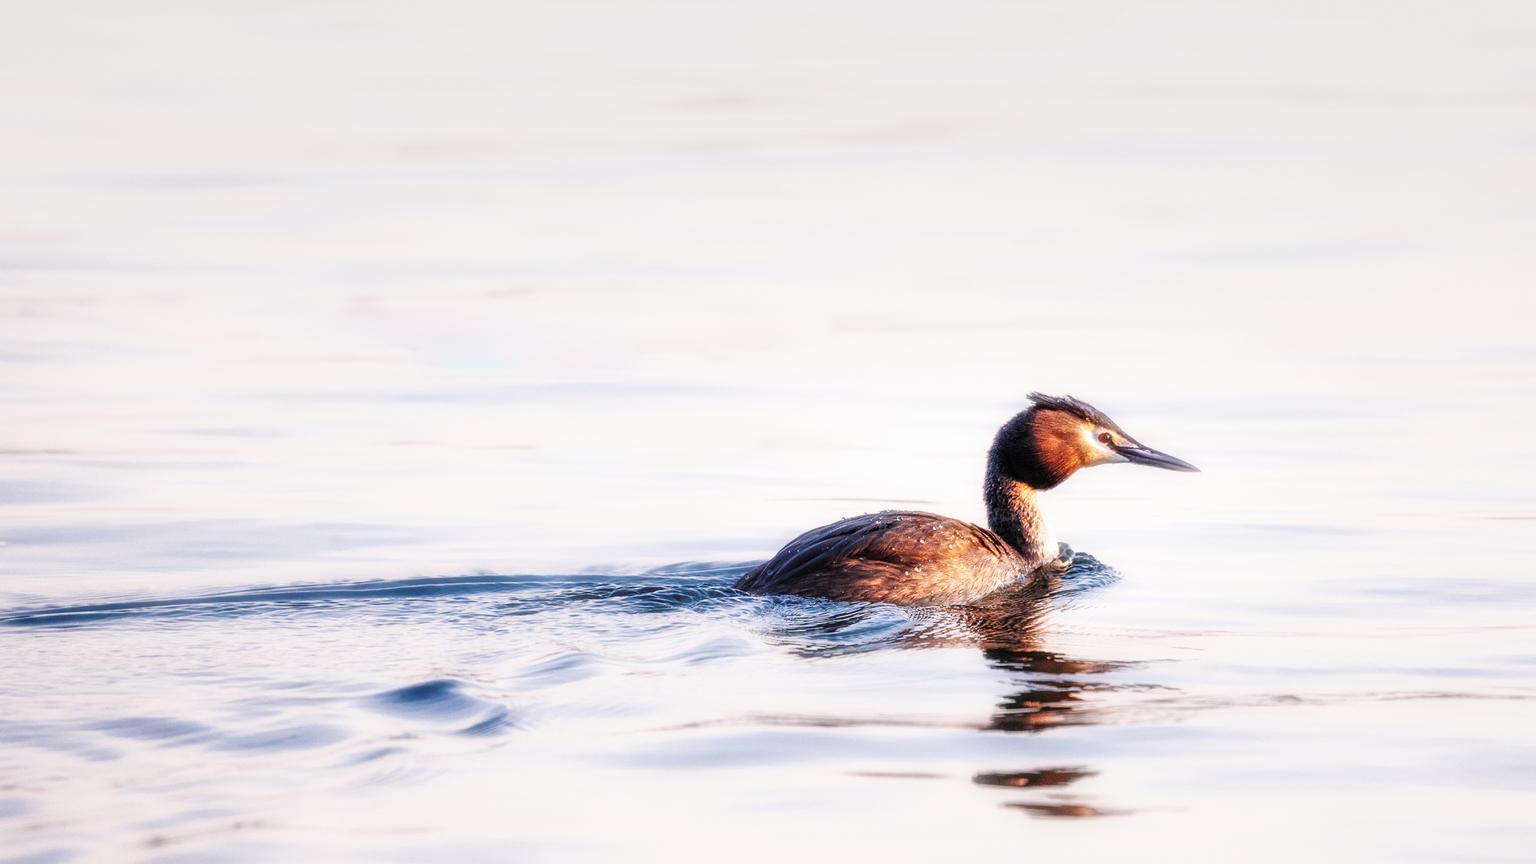 In de avond - De heerlijke fotogenieke fuut zwemt in de Merwede. De zon gaat bijna onder en die schijnt nog net op de fuut, zodat de toch al mooie kleuren nog bete - foto door marielledevalk op 16-04-2021 - locatie: Gorinchem, Nederland - deze foto bevat: fuut, water, vogel, zwemmen, lente, watervogel, water, vloeistof, vogel, vloeistof, bek, meer, watervogels, veer, eend, eenden, ganzen en zwanen